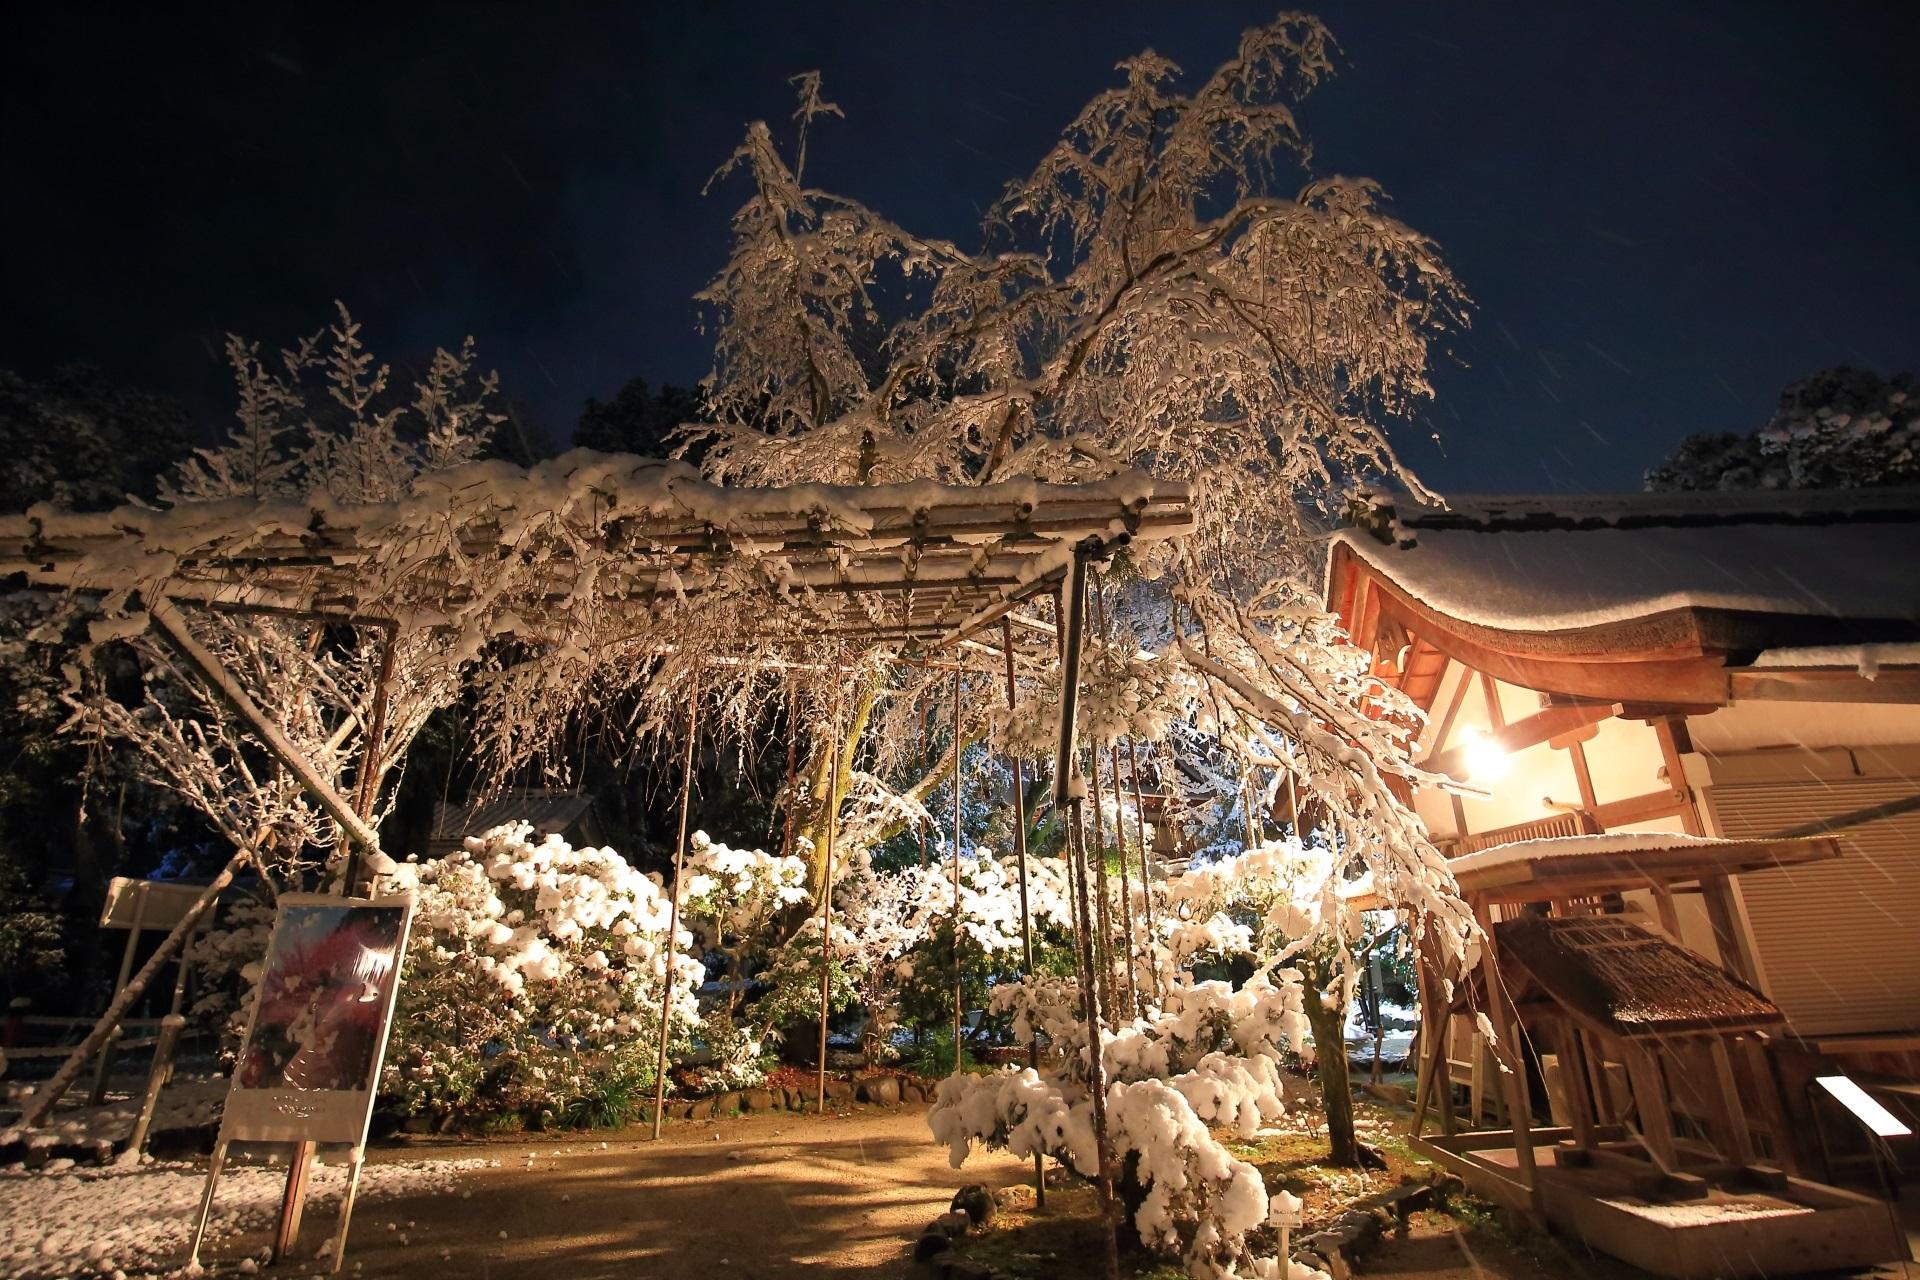 夜明け前の上賀茂神社の「みあれ桜」の雪景色